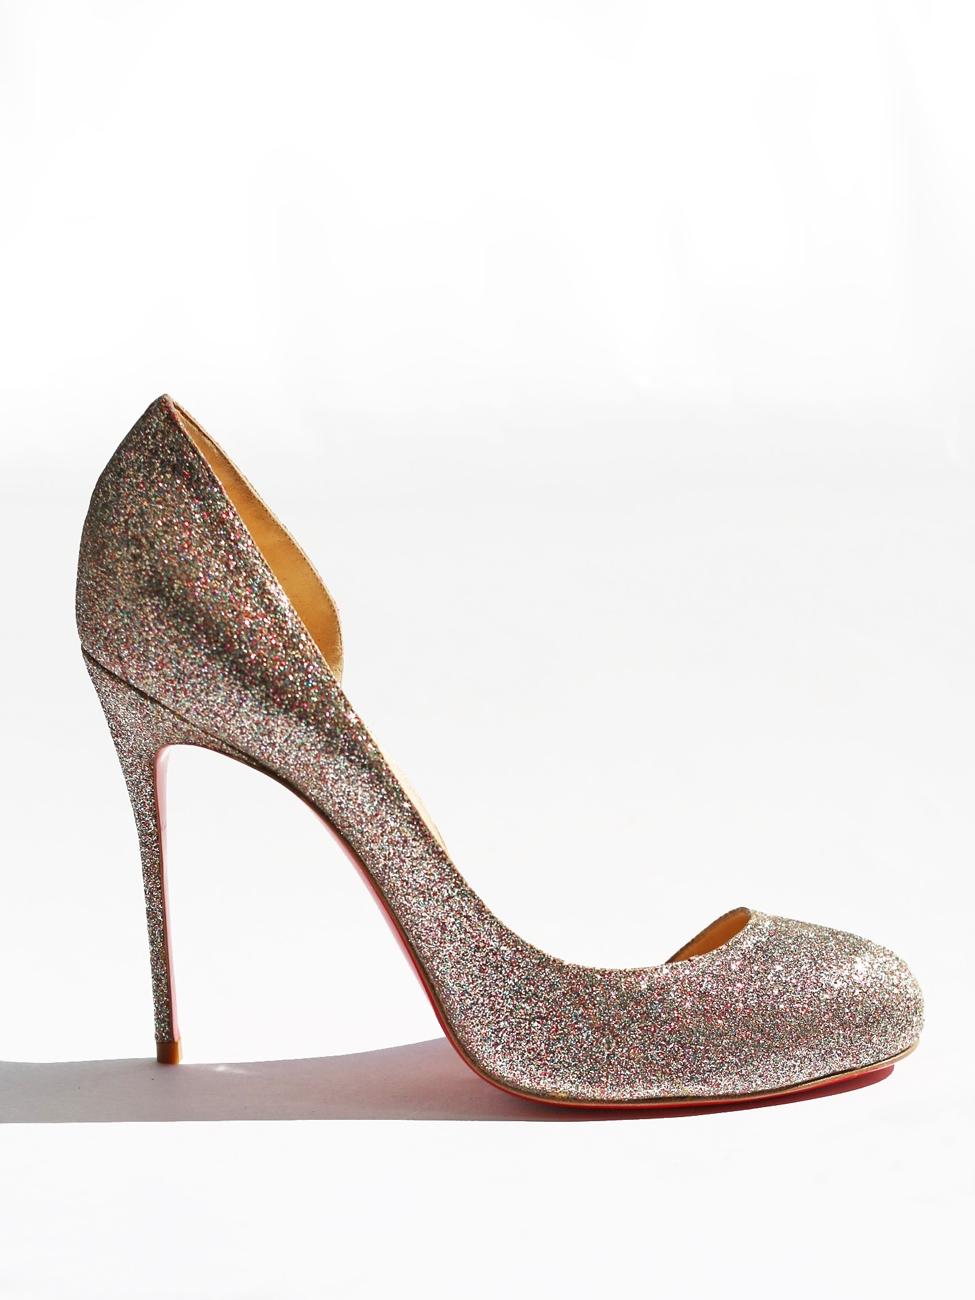 d572ddc5906 Louise Paris - CHRISTIAN LOUBOUTIN Escarpins stiletto glitter ...